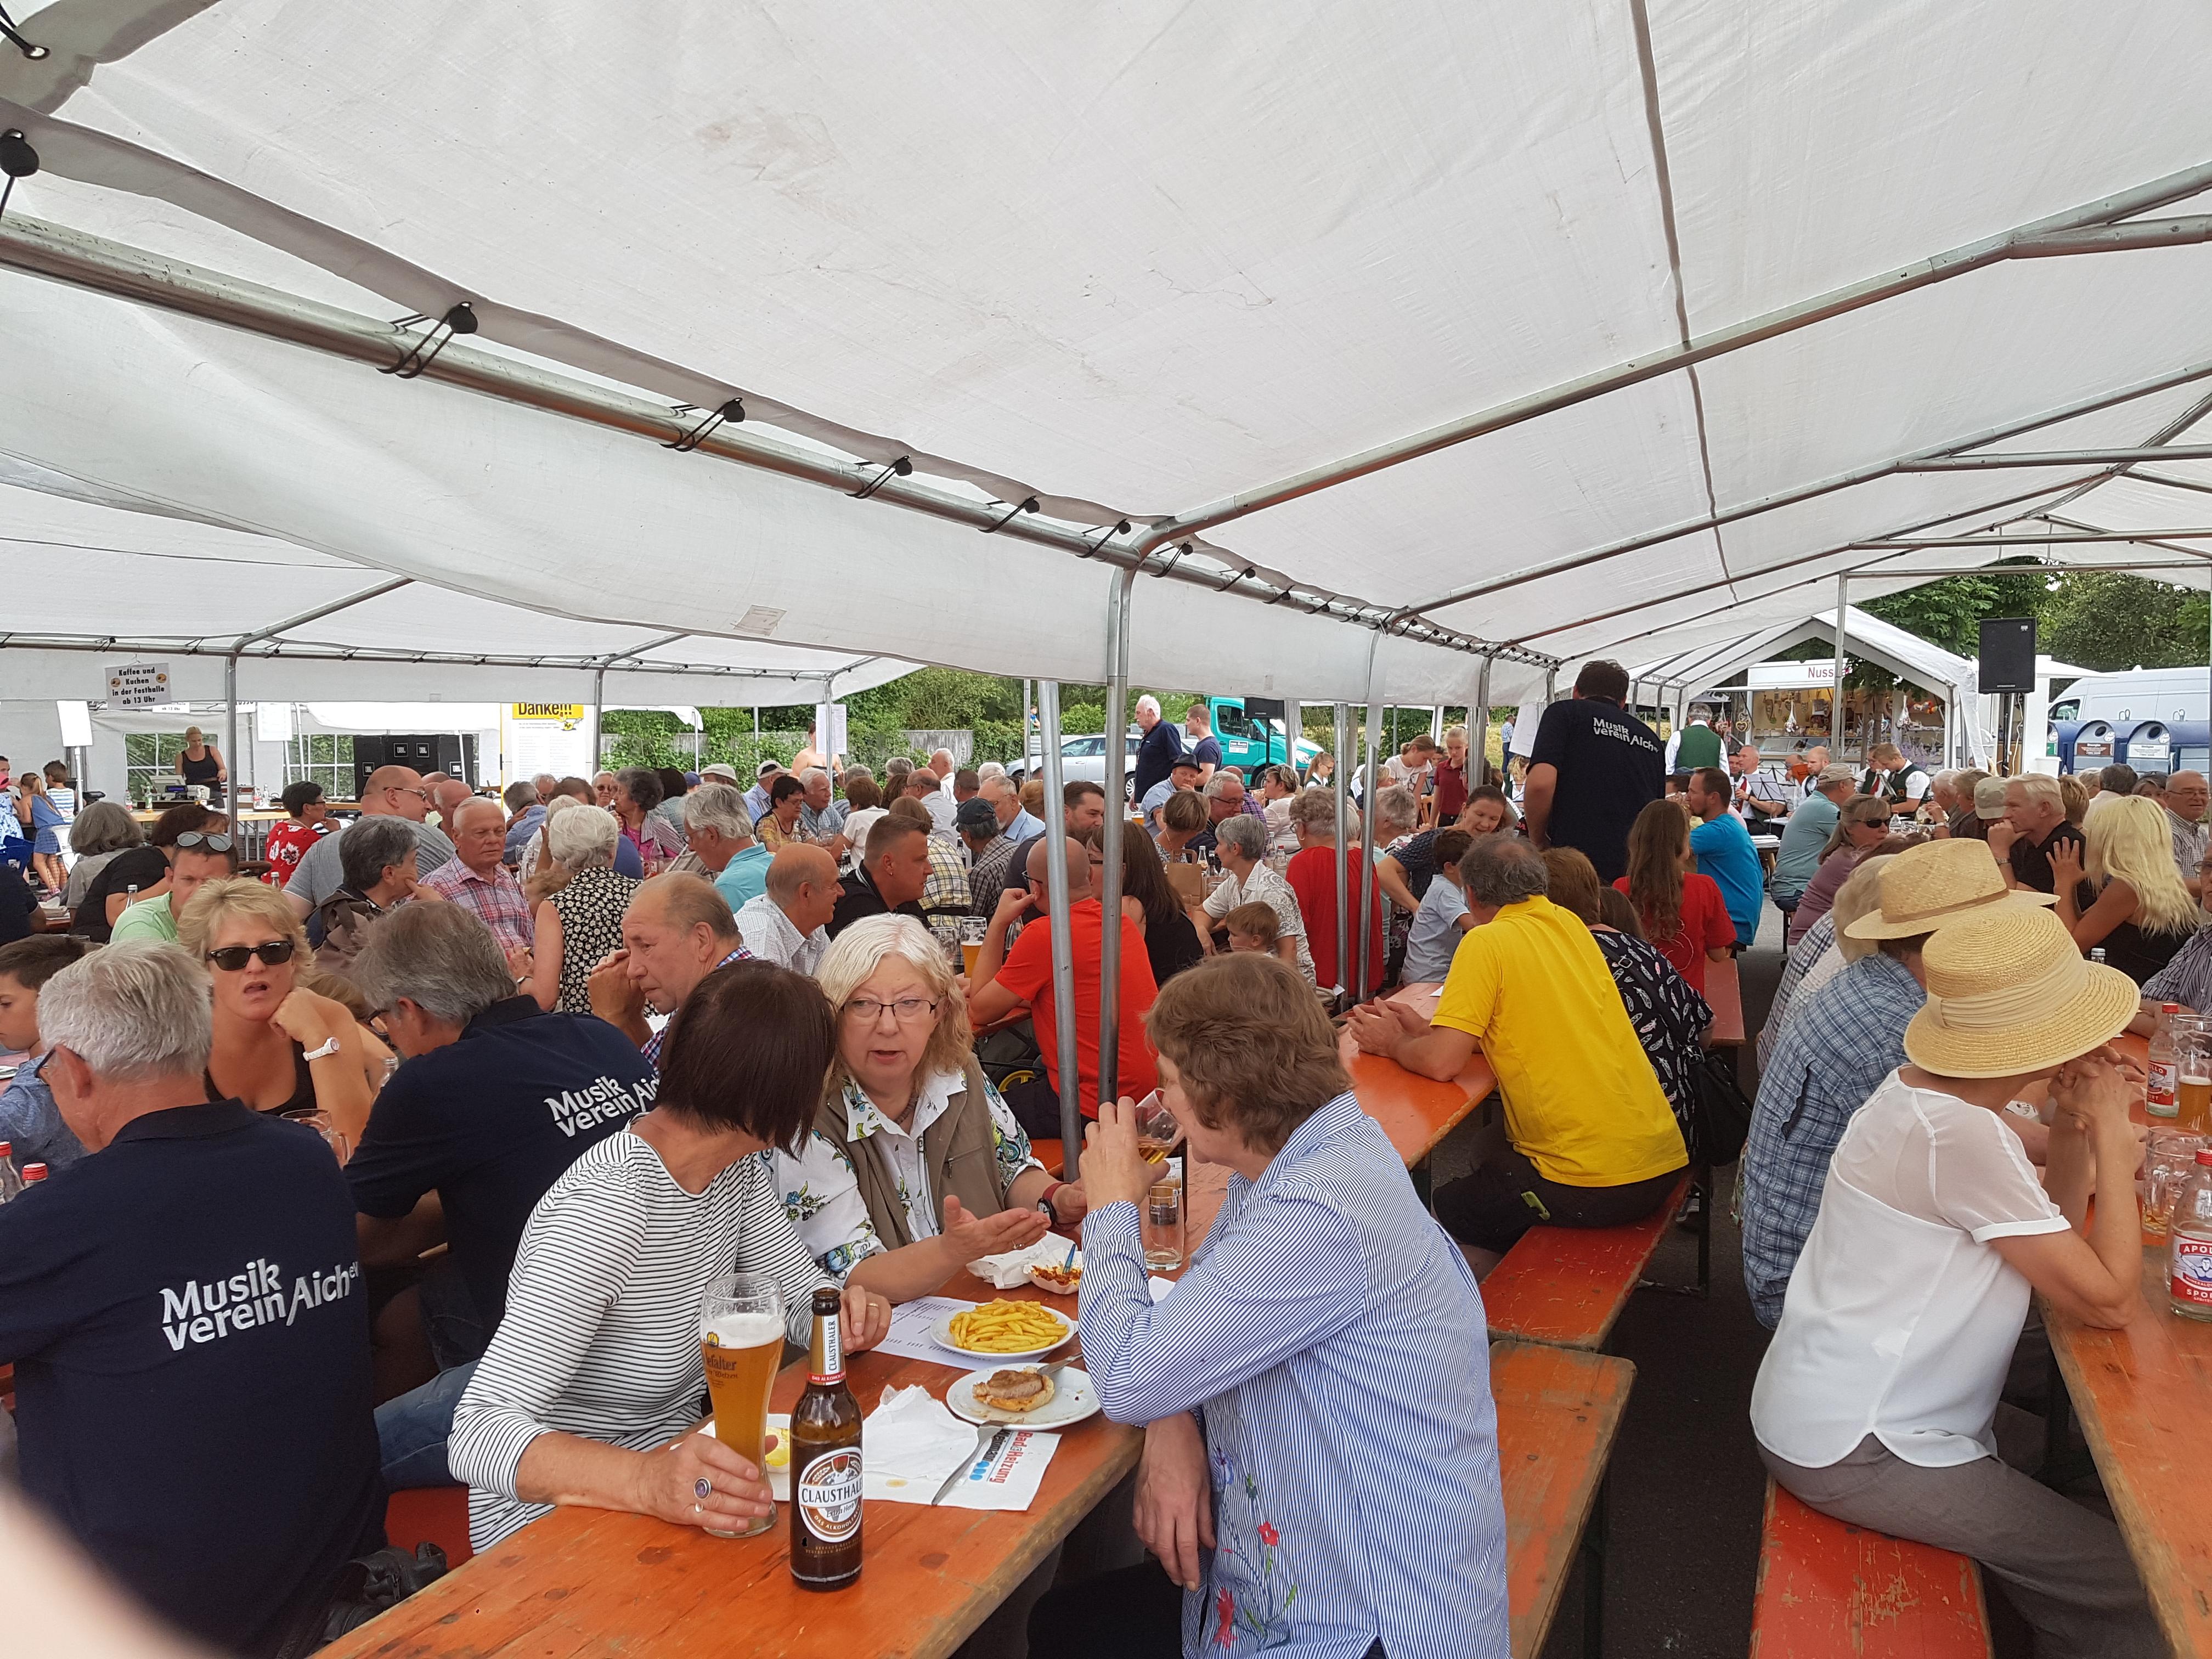 Buntes Treiben auf dem Sommerfest des Musikverein Aich - Musikverein ...